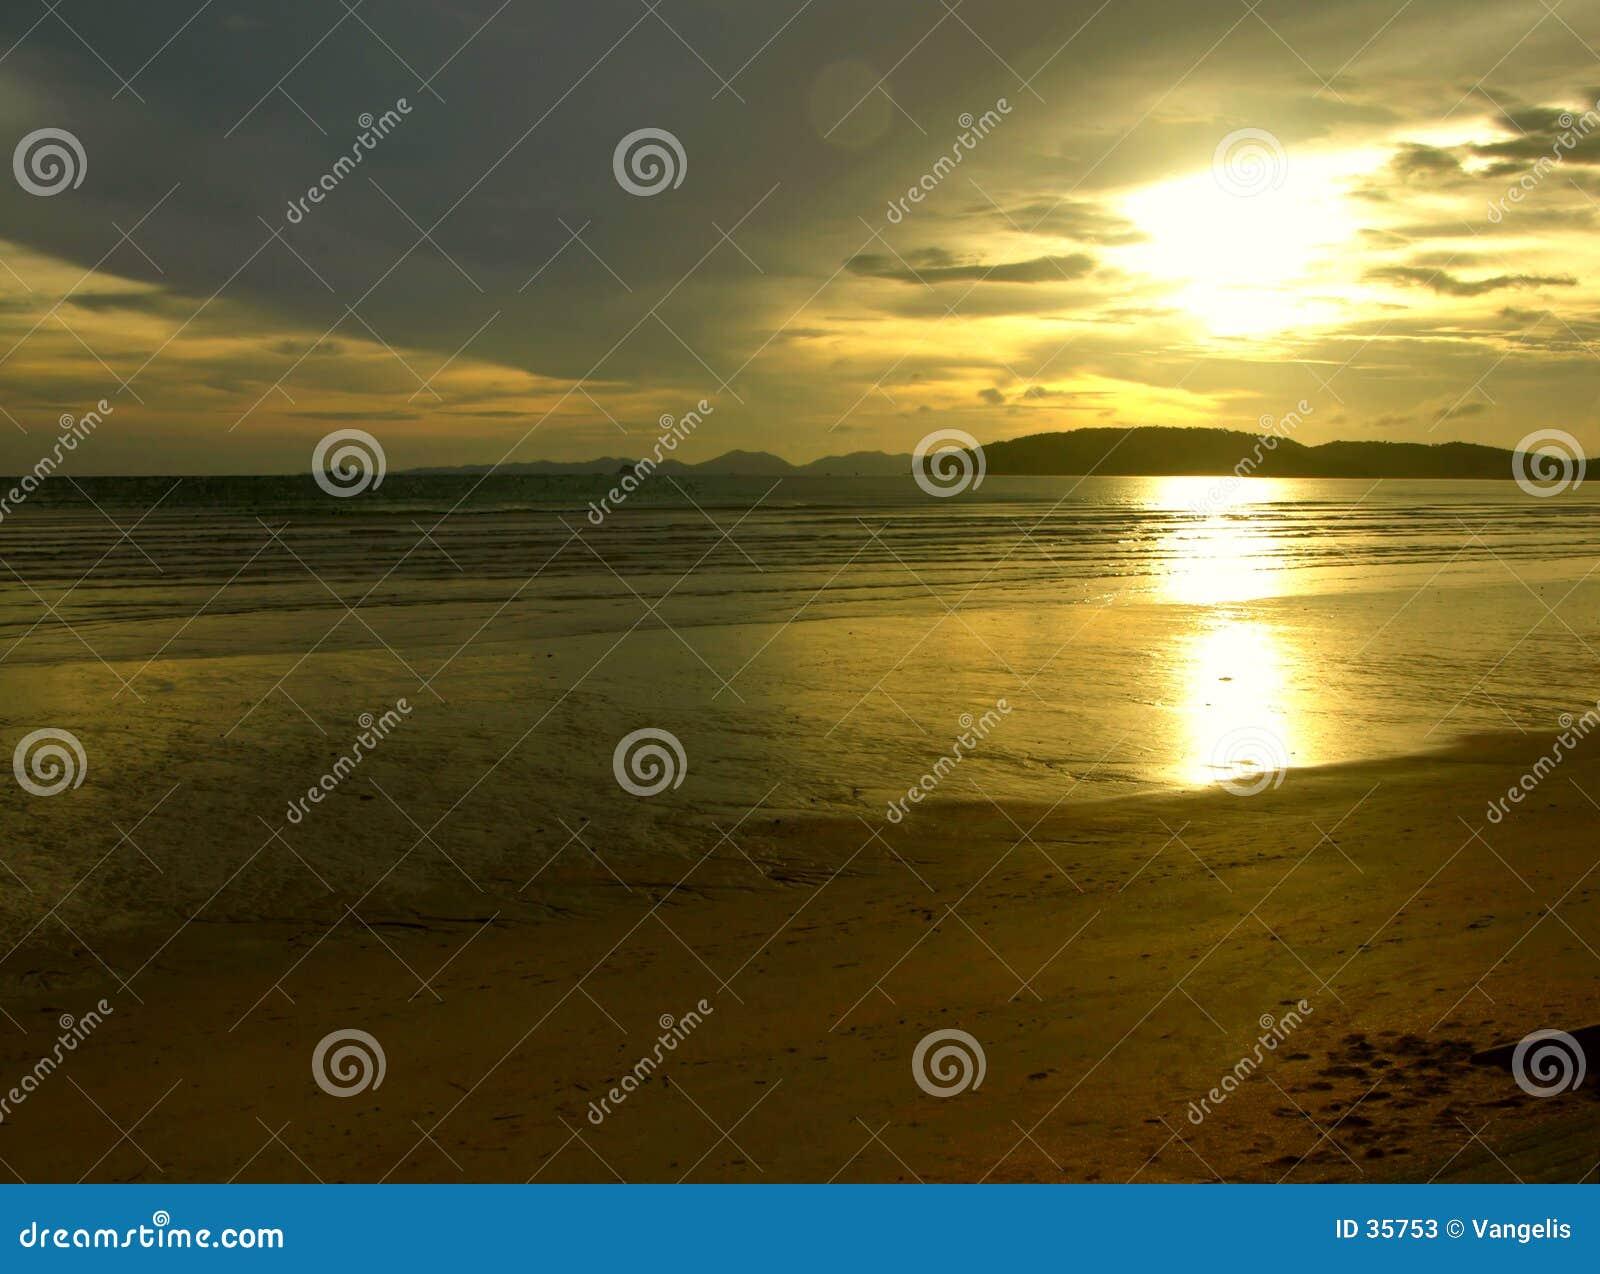 Download Mystischer Sonnenuntergang II Stockbild - Bild von frech, nacht: 35753